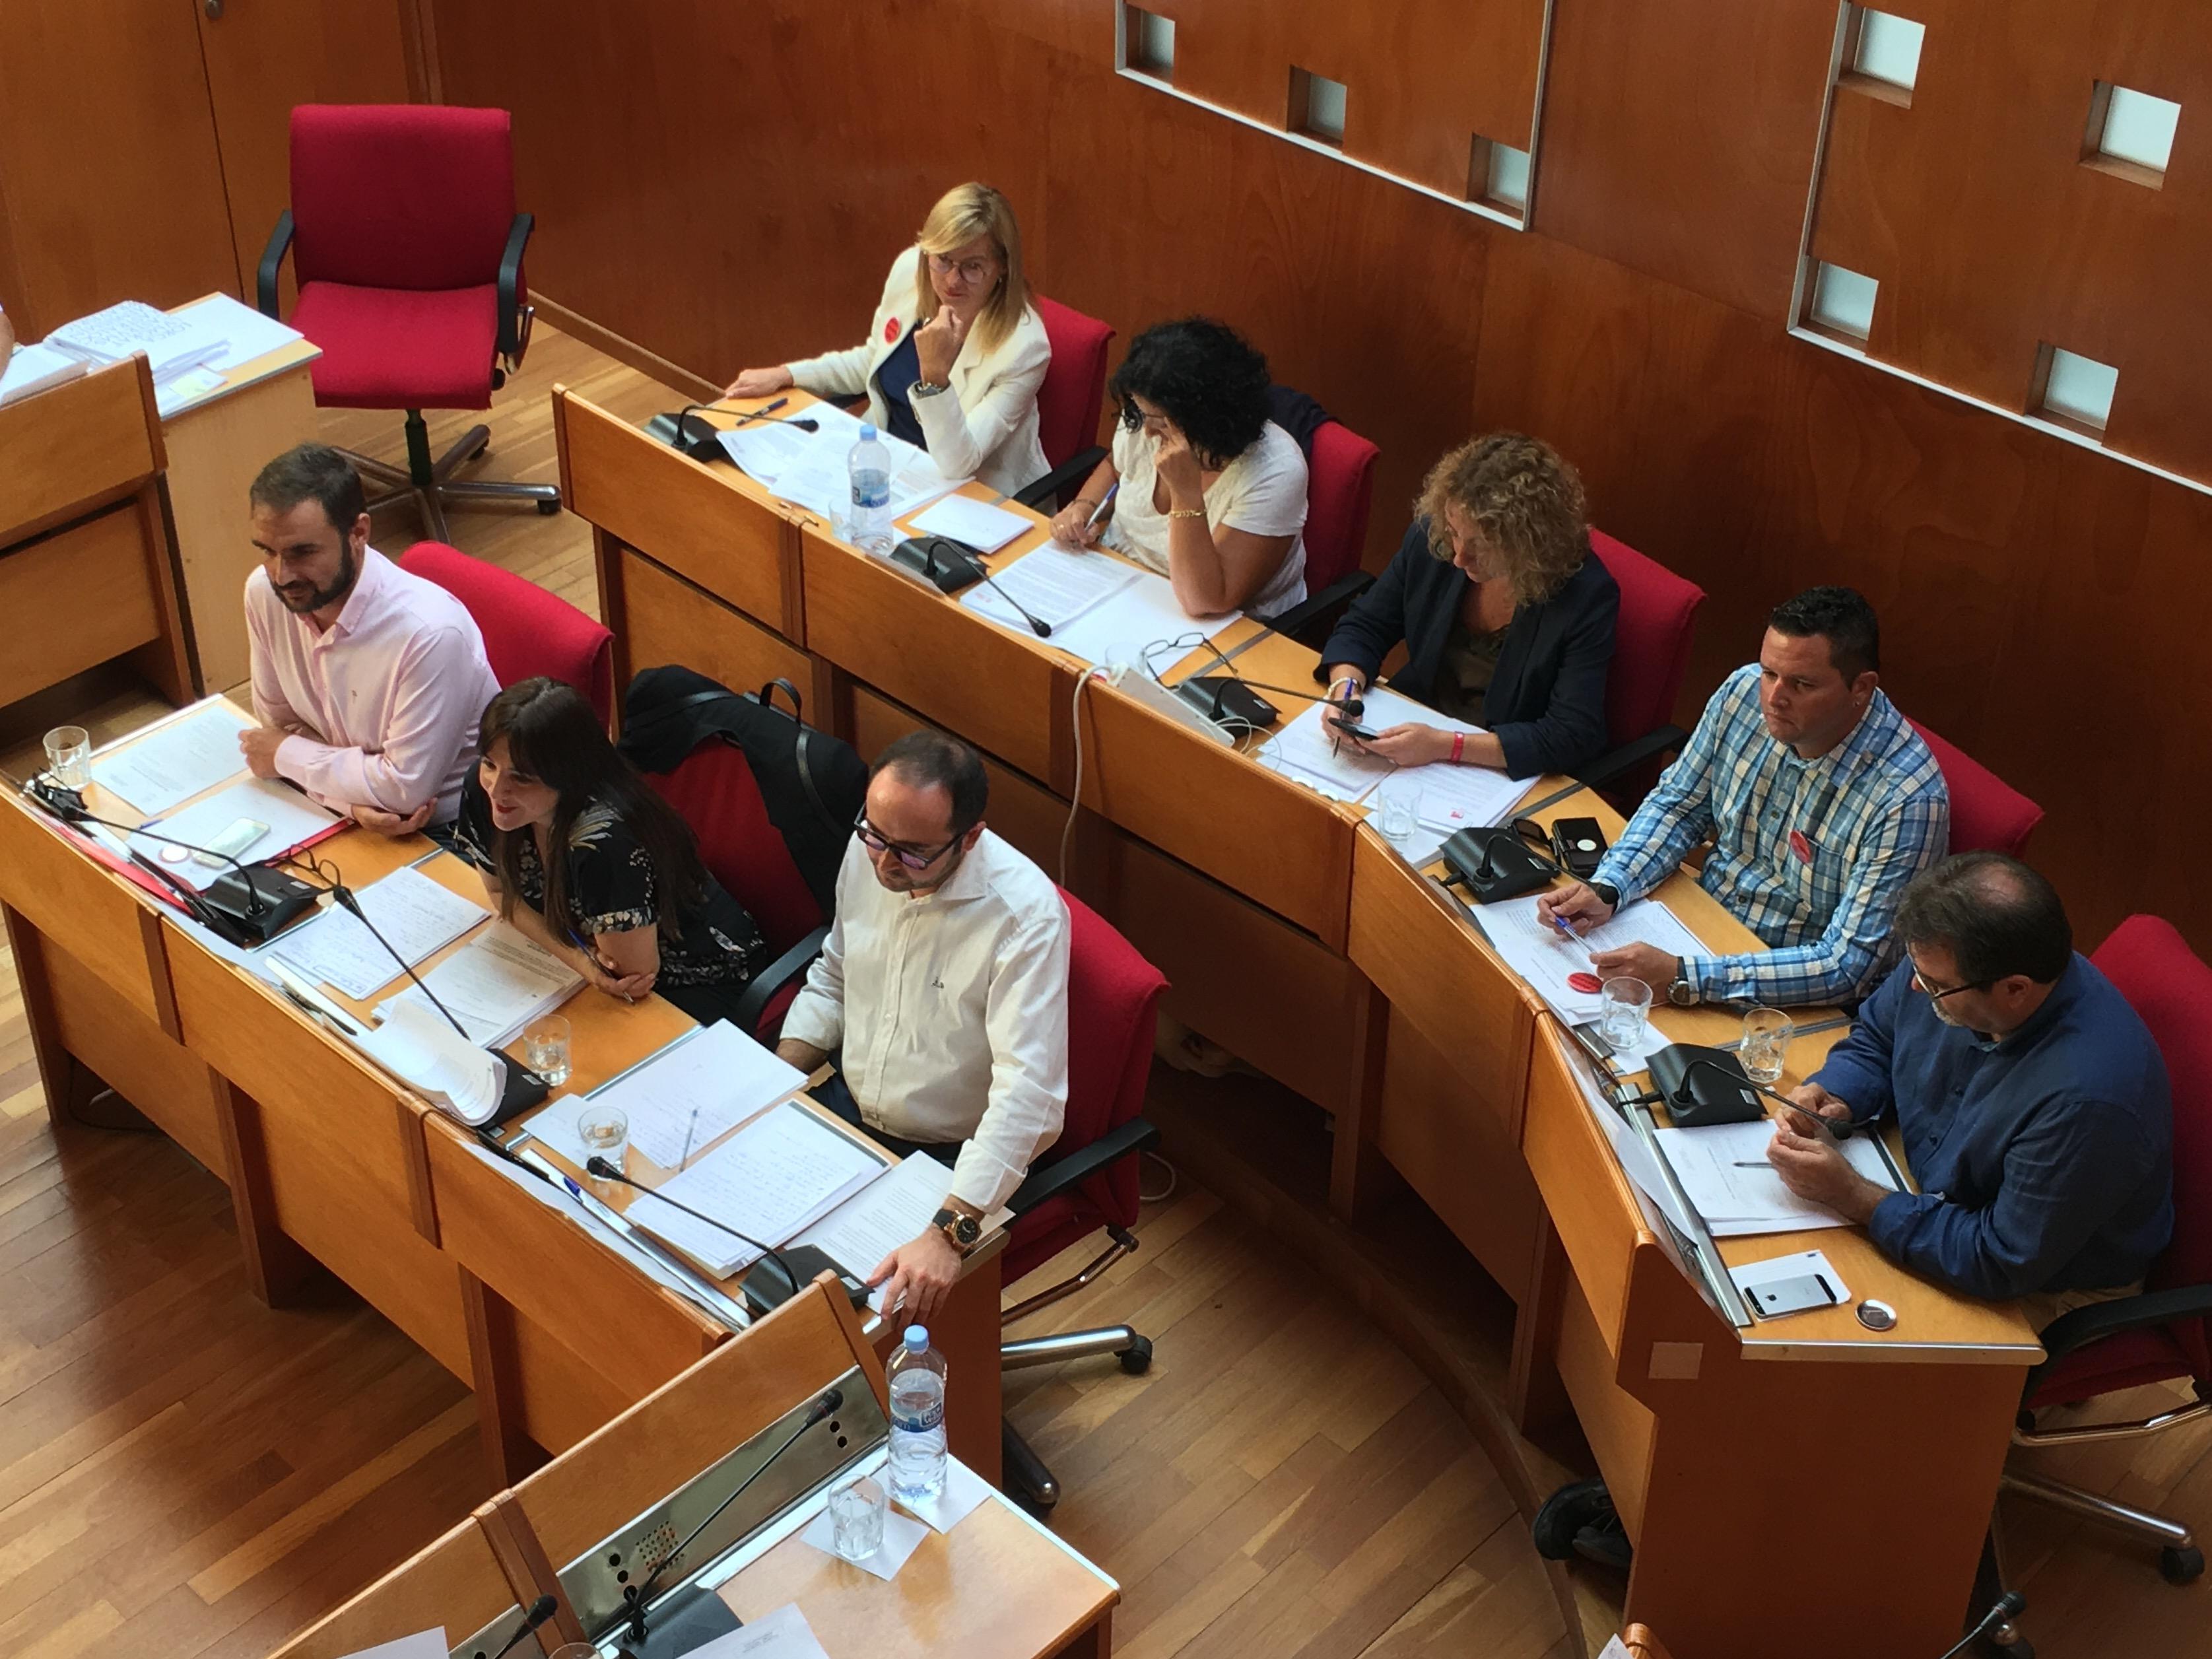 El PSOE lamenta que el Concejal de Hacienda mienta para ocultar que han tenido que parchear el presupuesto municipal 11 veces en lo que va de año